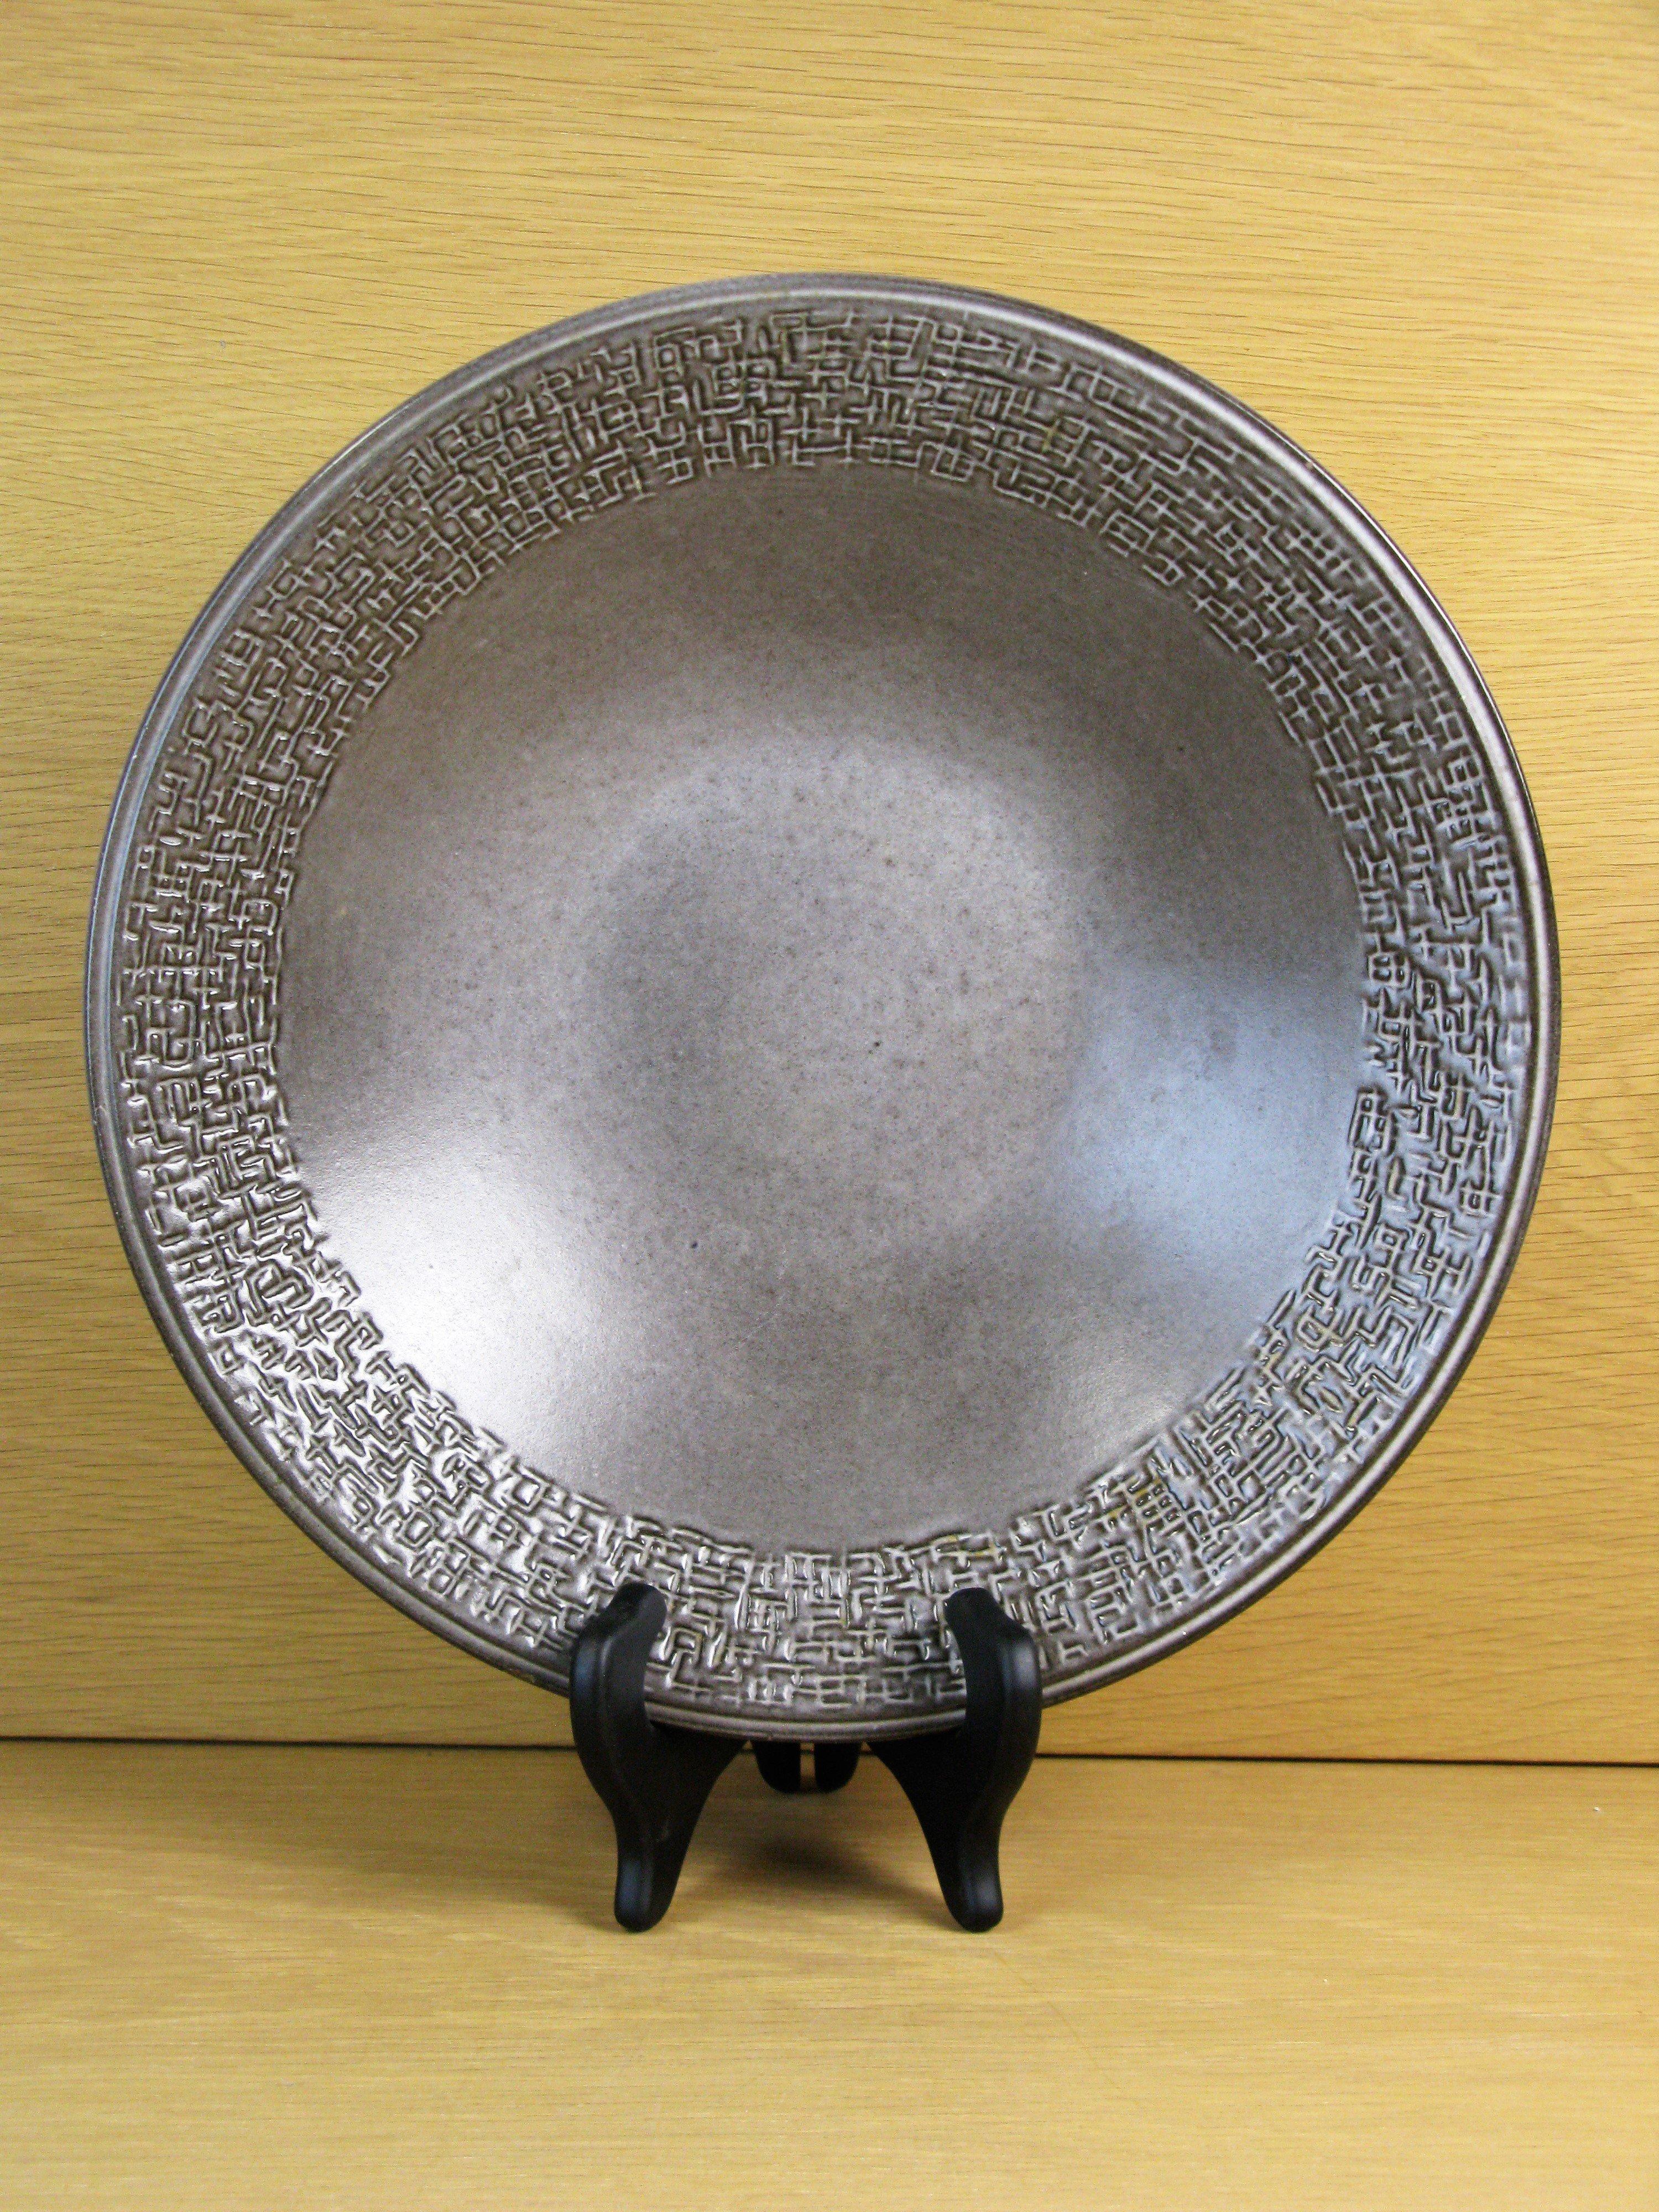 granit bowl